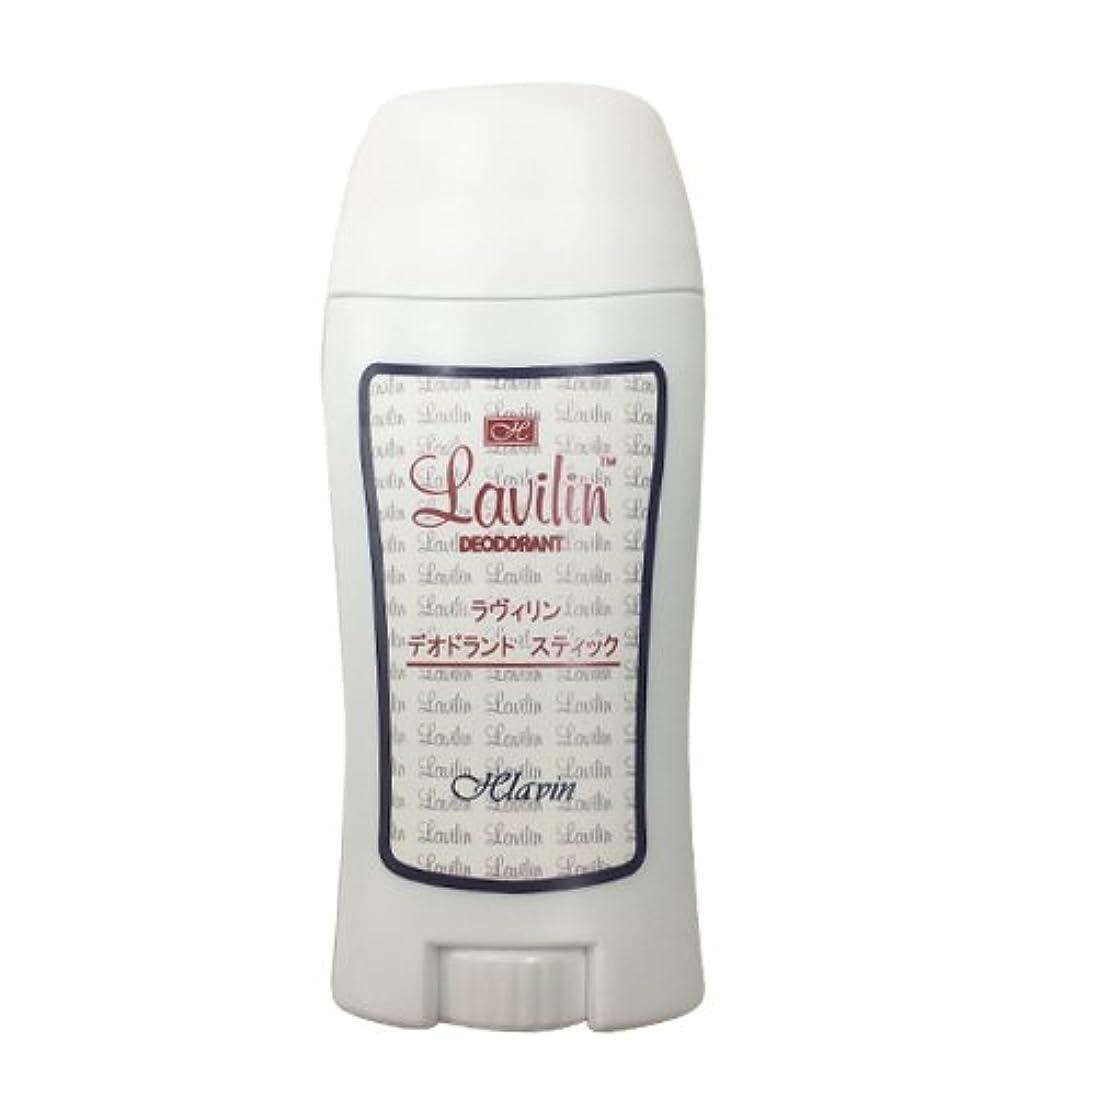 虹本を読むそれぞれラヴィリン デオドラント スティック (Lavilin deodorant stick) 60ml